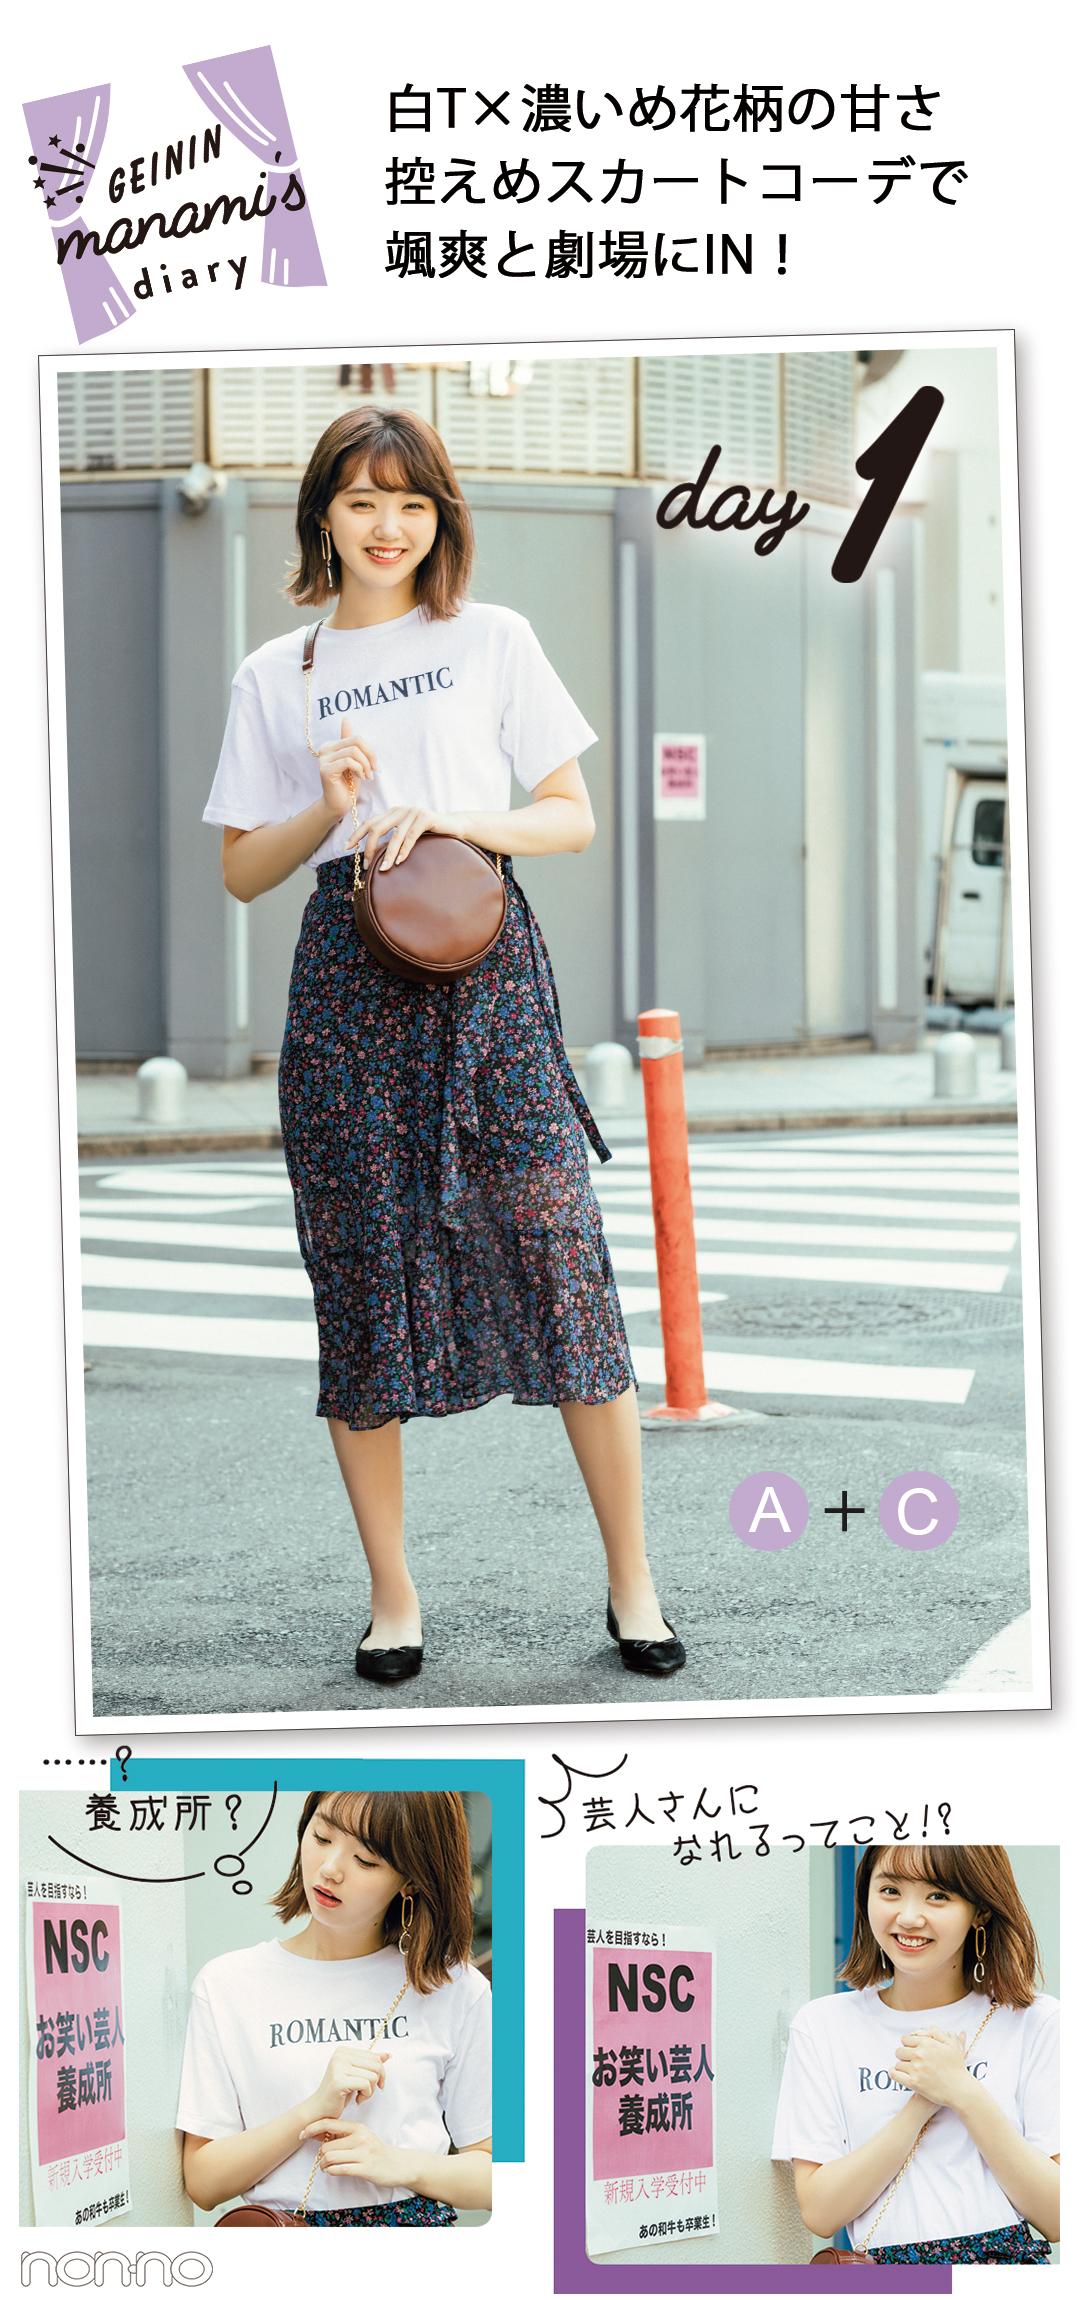 白T×濃いめ花柄の甘さ 控えめスカートコーデで 颯爽と劇場にIN! day1 A+C